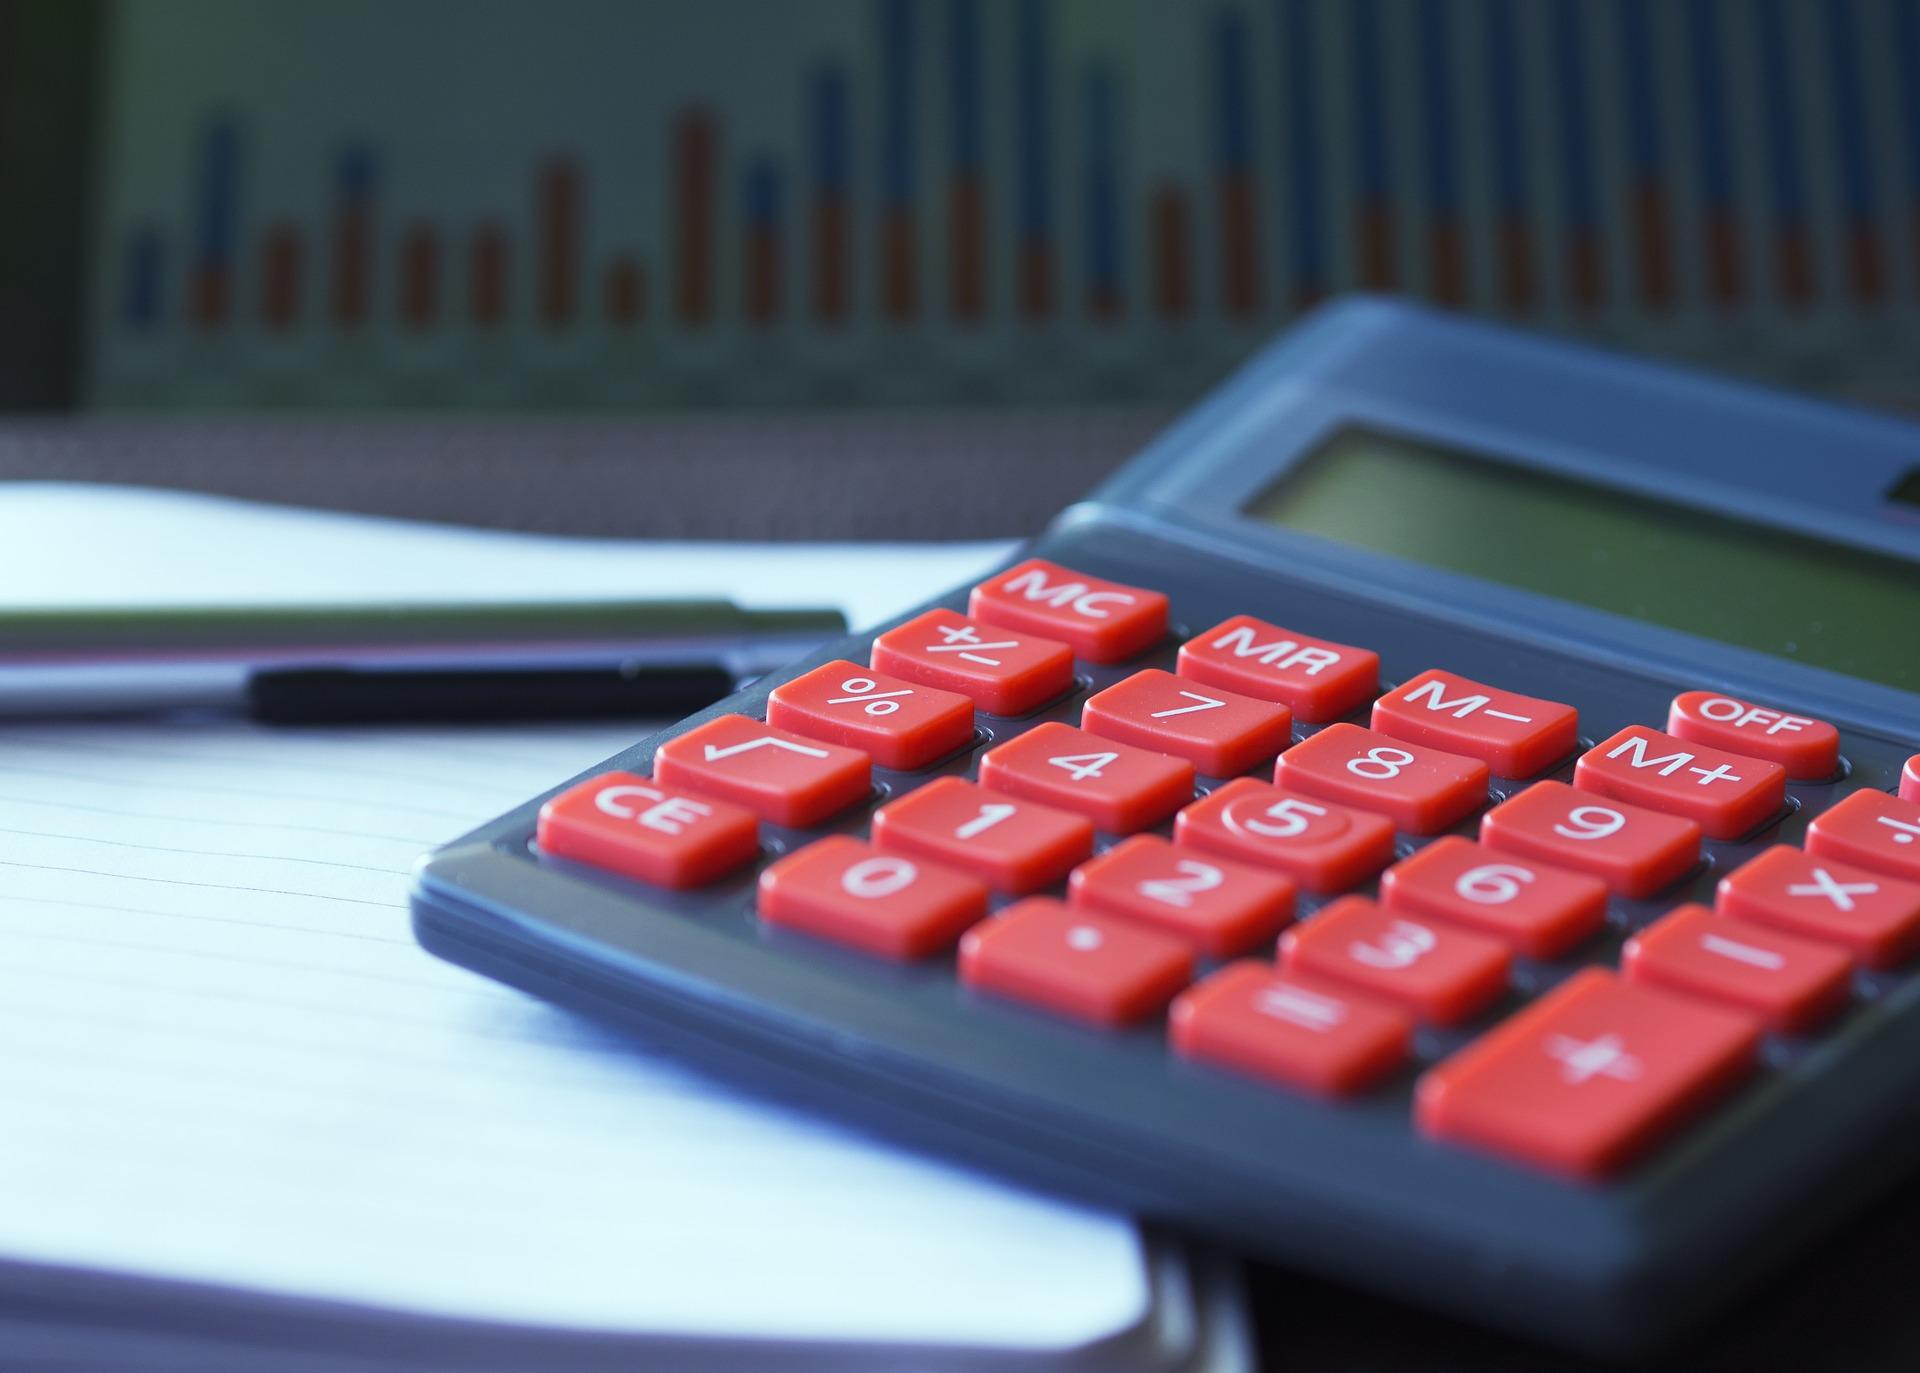 Palkkahallintopalvelut | Tilitoimisto Tasela